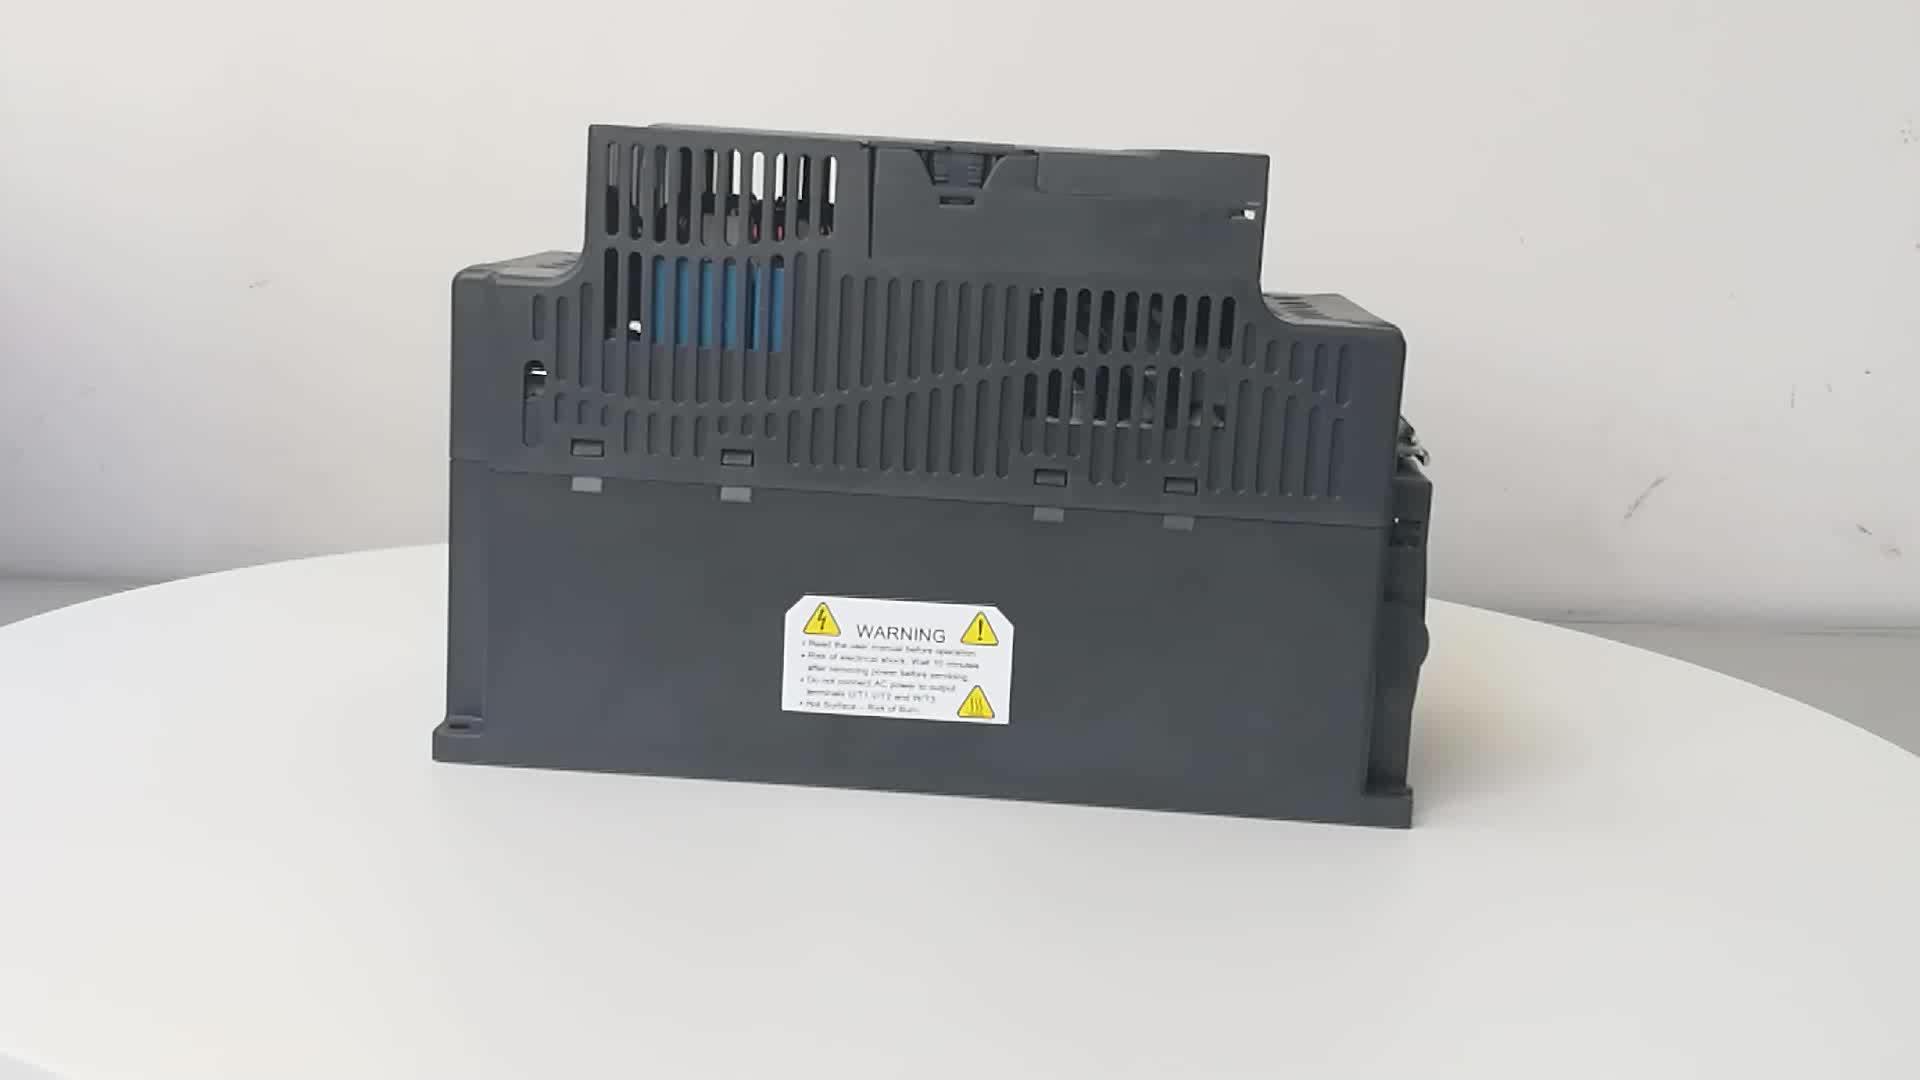 11kw 15hp delta vfd-e onduleur 3 phases 480 v vecteur inverseur de fréquence à ca de contrôle inverseur de pompe à eau contrôleur